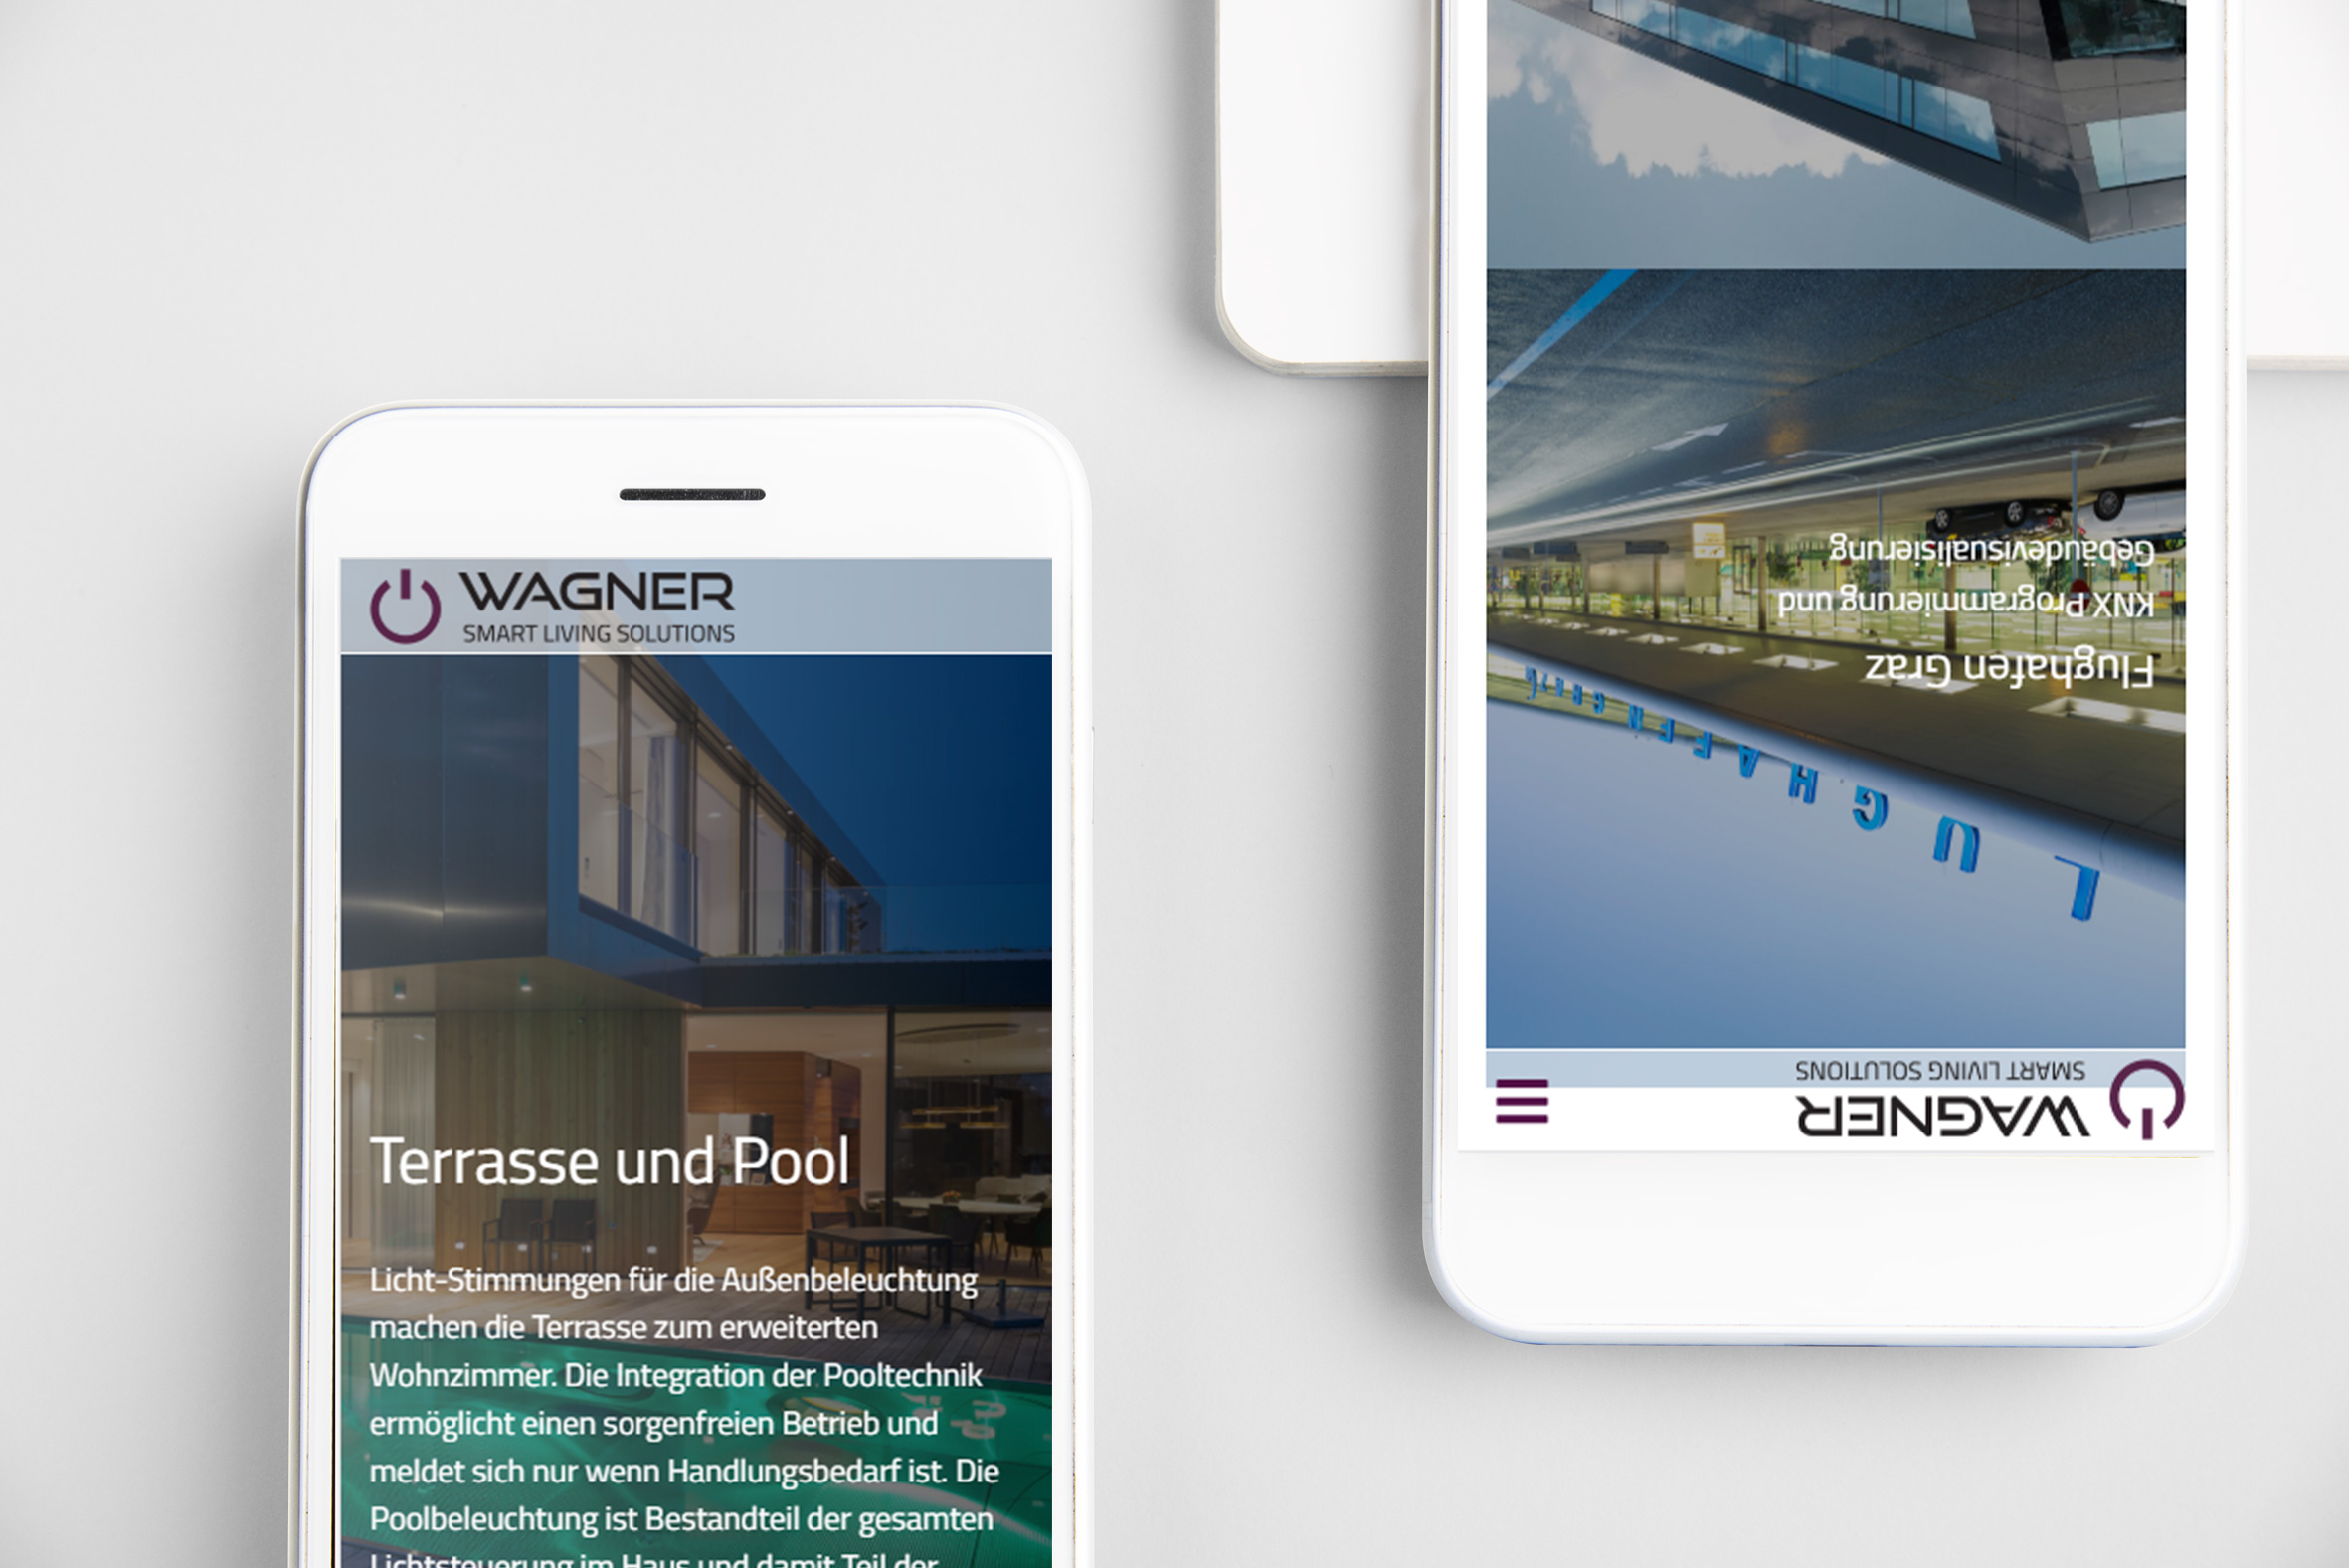 Wagner SLS Website Smartphone